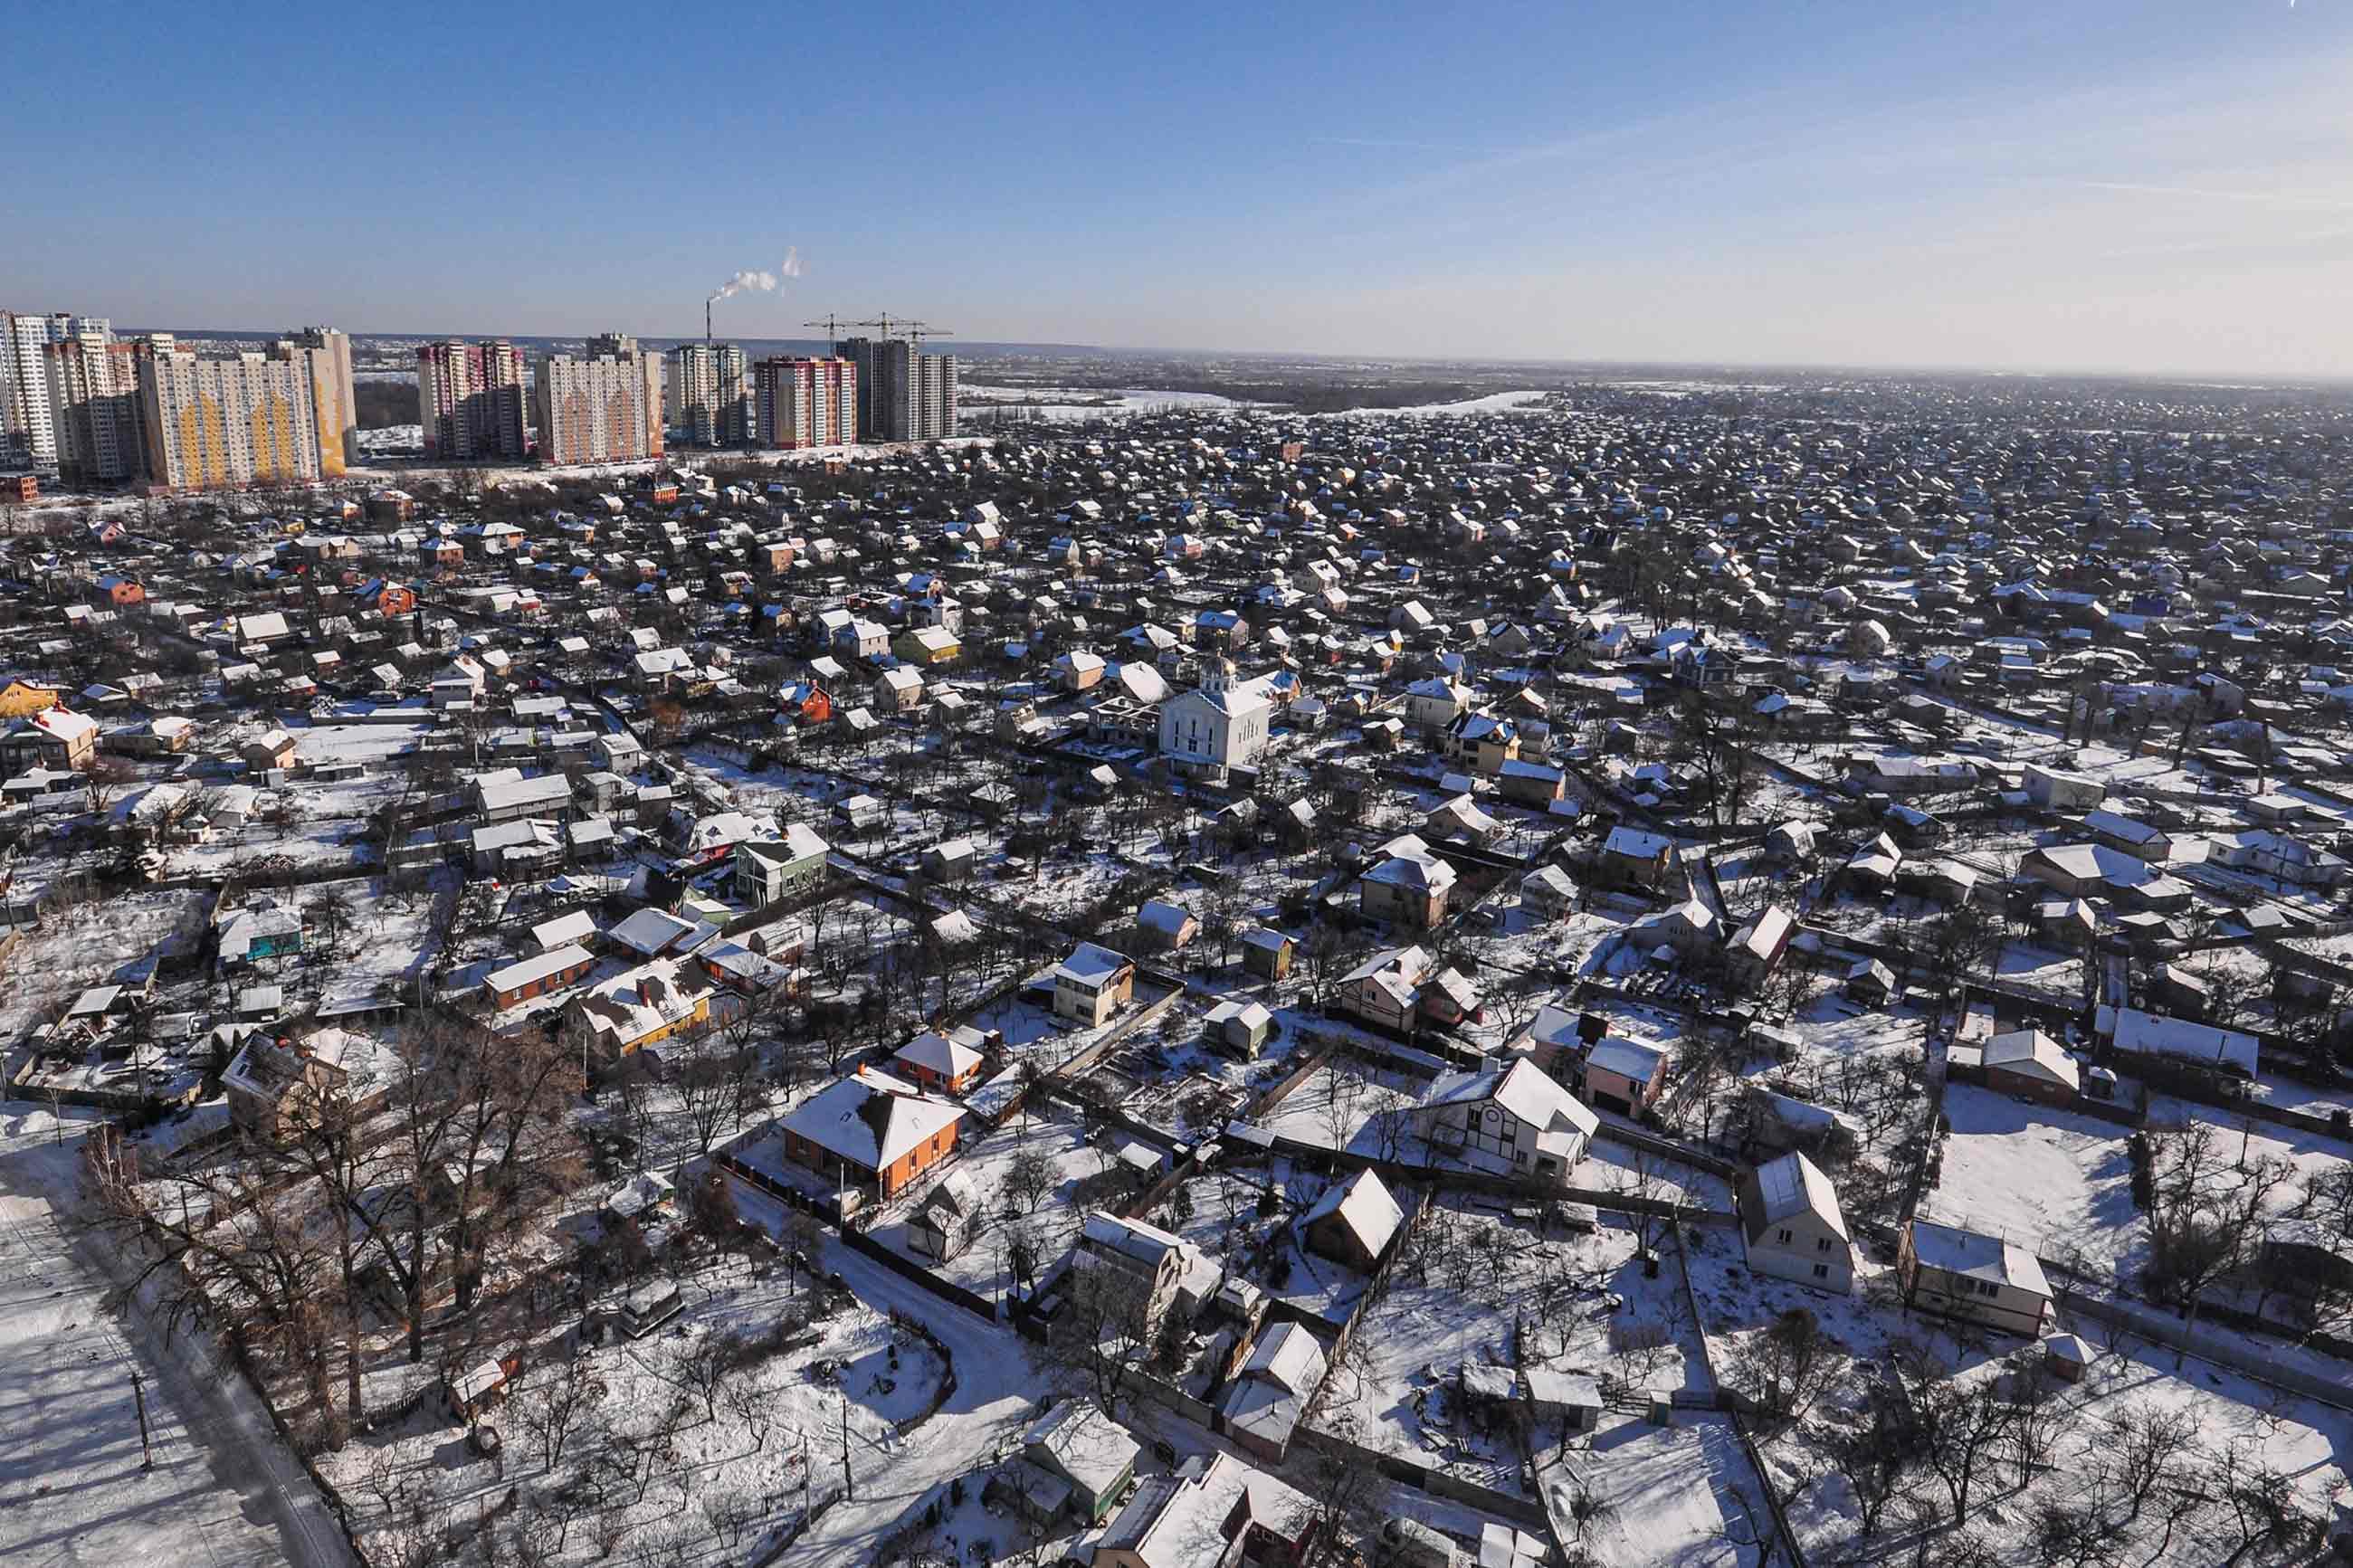 osokor 03 - <b>Ради массового жилья в Киеве уничтожили десятки поселений.</b> Рассказываем, как это было - Заборона